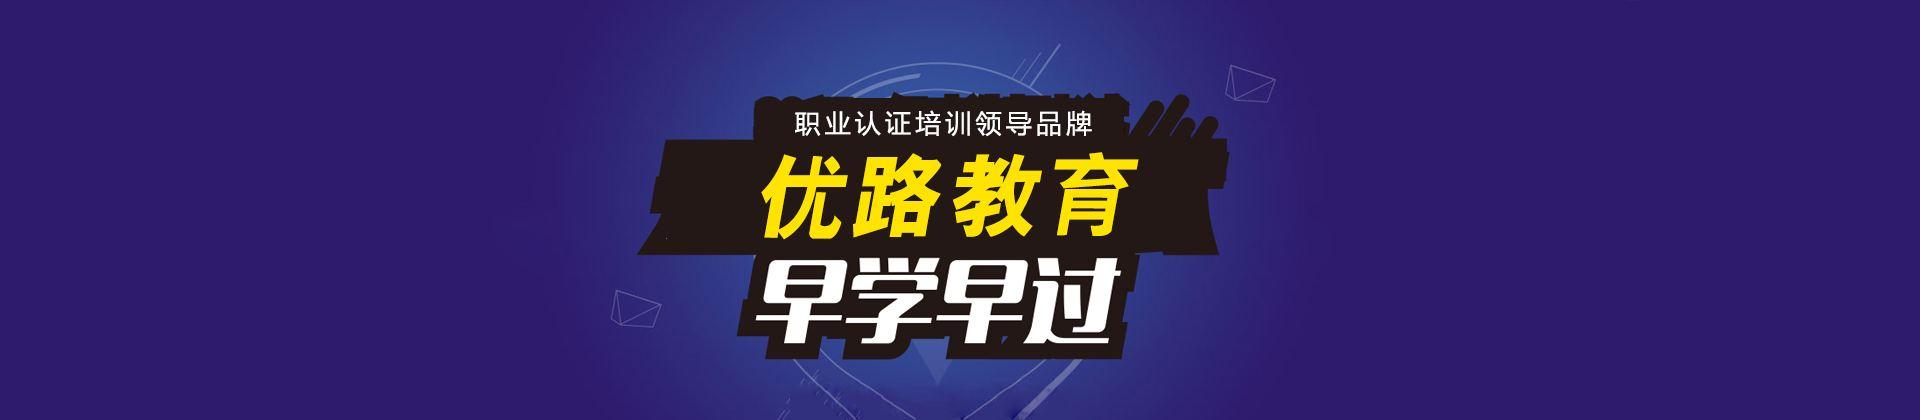 辽宁丹东优路教育培训学校